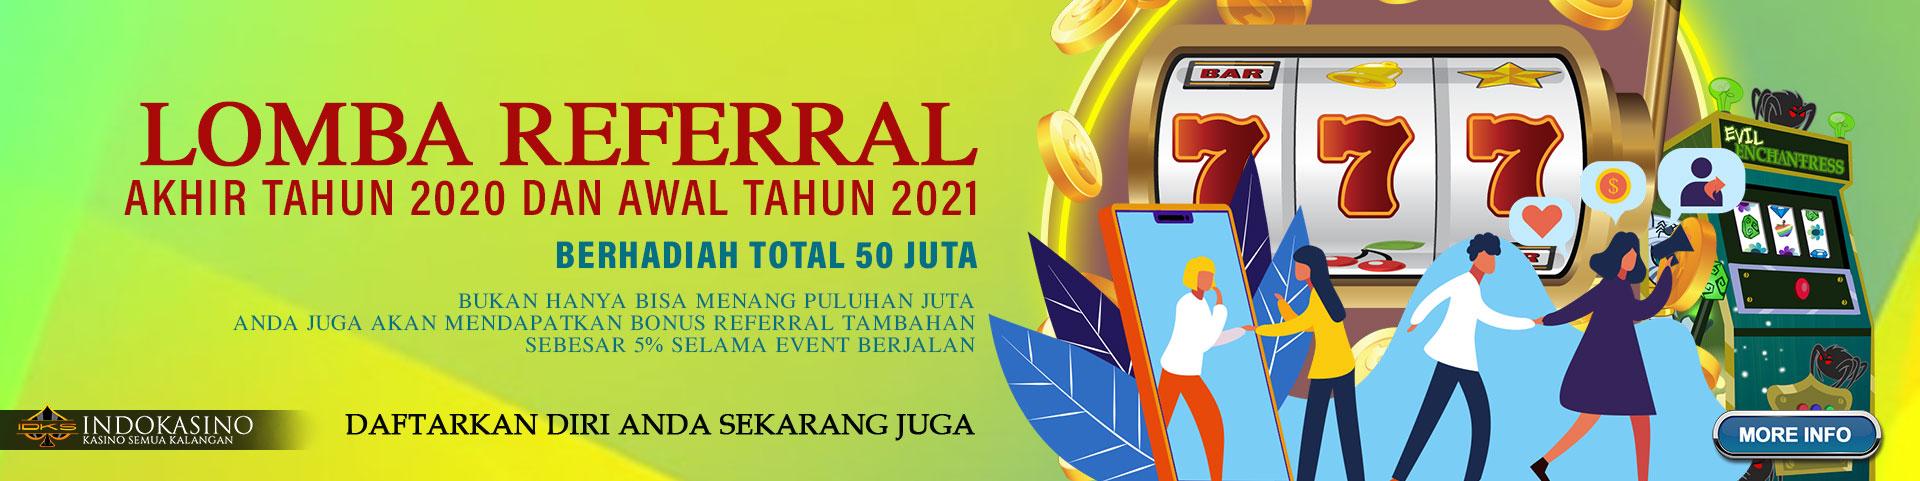 LOMBA REFERRAL IDKS AKHIR TAHUN 2020 DAN AWAL TAHUN 2021 BERHADIAH TOTAL 50 JUTA